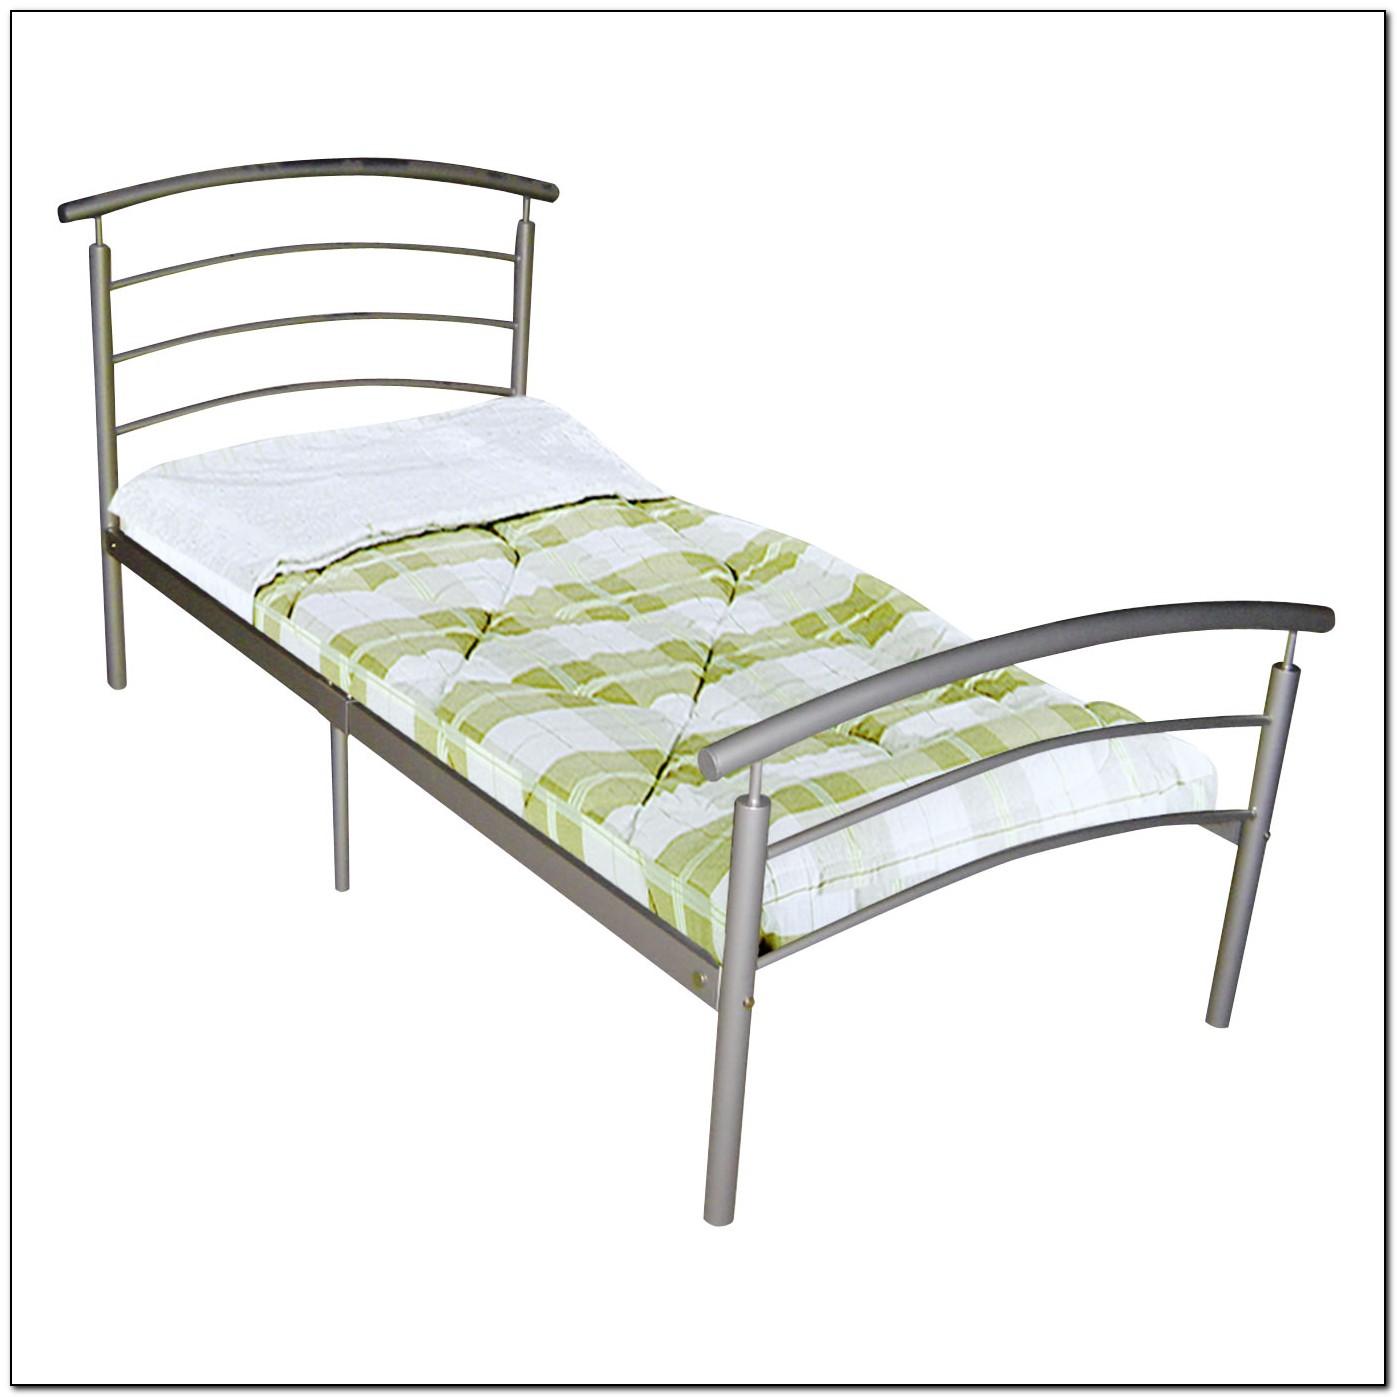 Ikea metal bed frame fancy bunk bed frames bunk beds for Steel bed frame